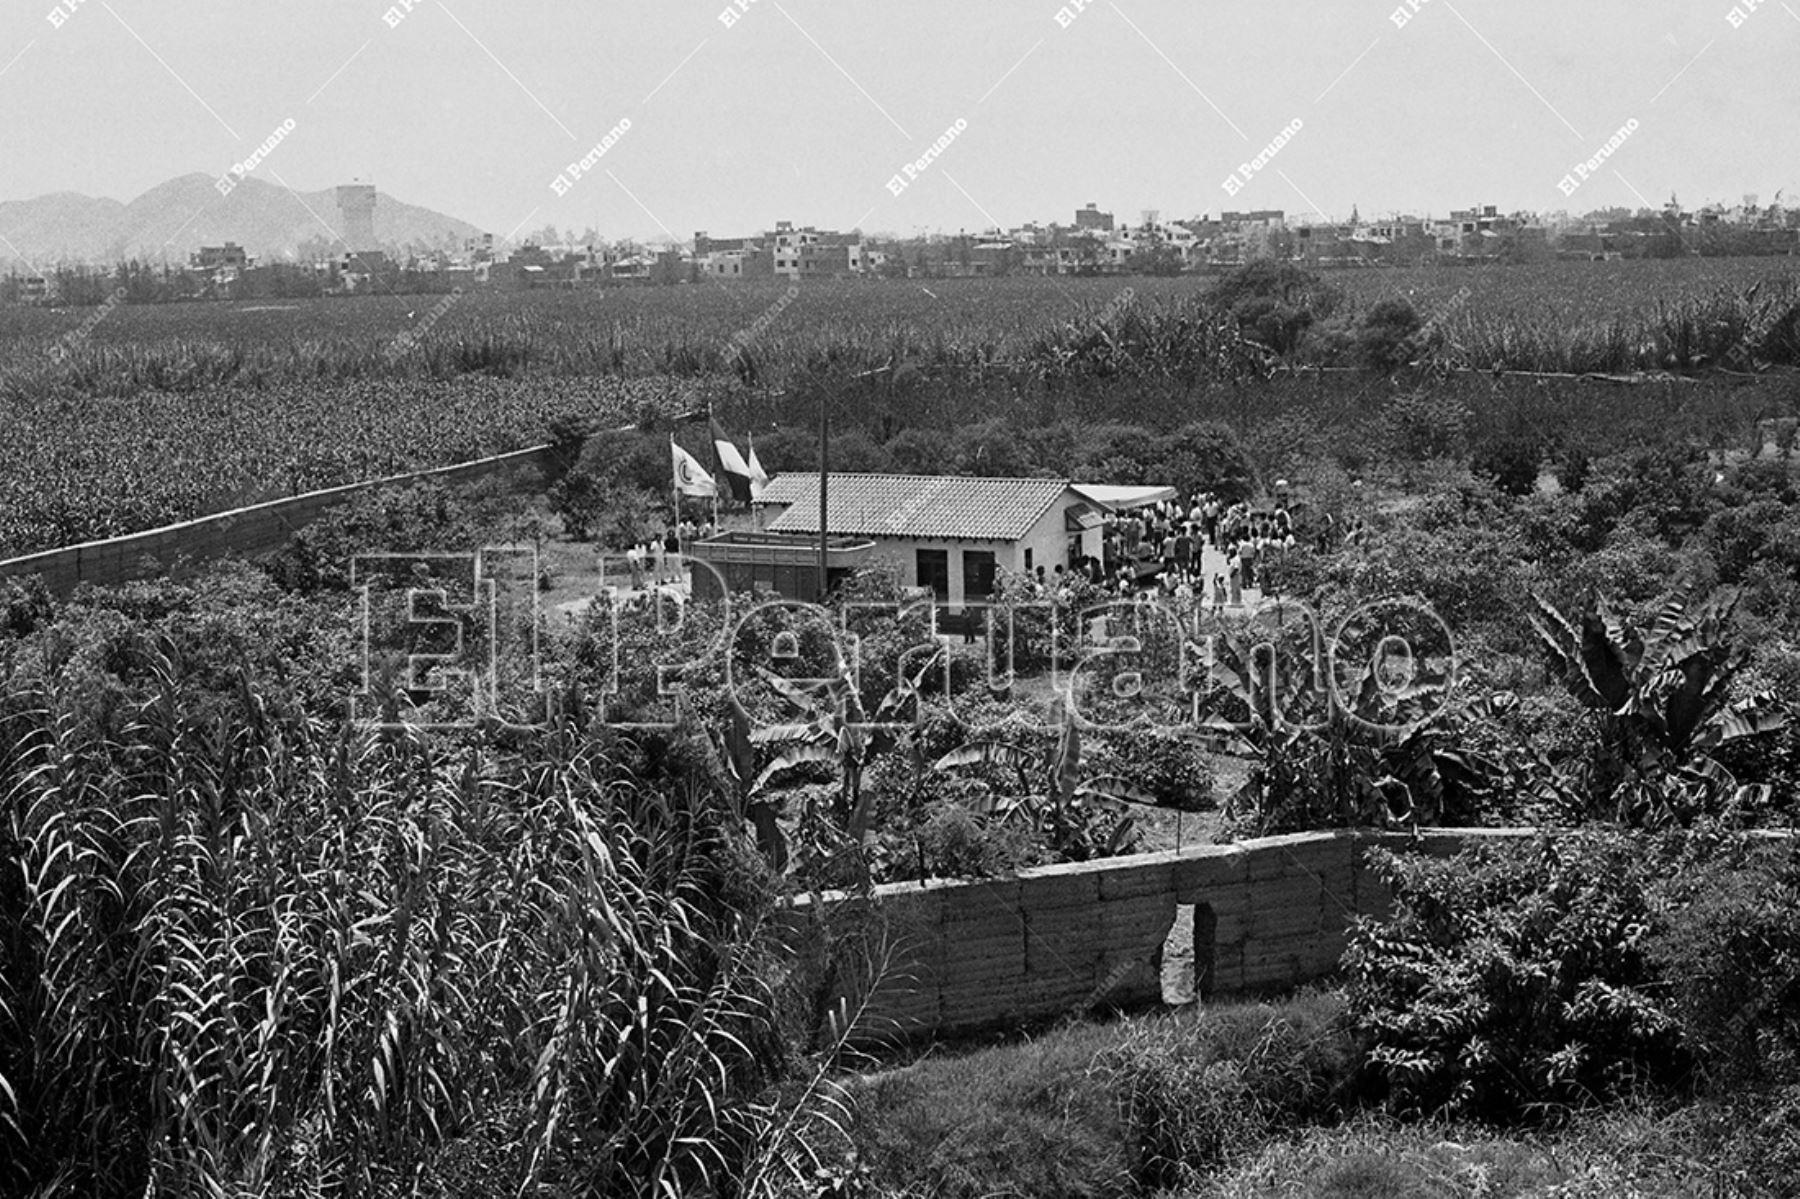 Lima - 18 enero 1991 / Lugar donde se colocó la primera piedra del Estadio Monumental de Universitario de Deportes en Ate. Foto: Archivo Histórico de El Peruano / Virgilio Molero